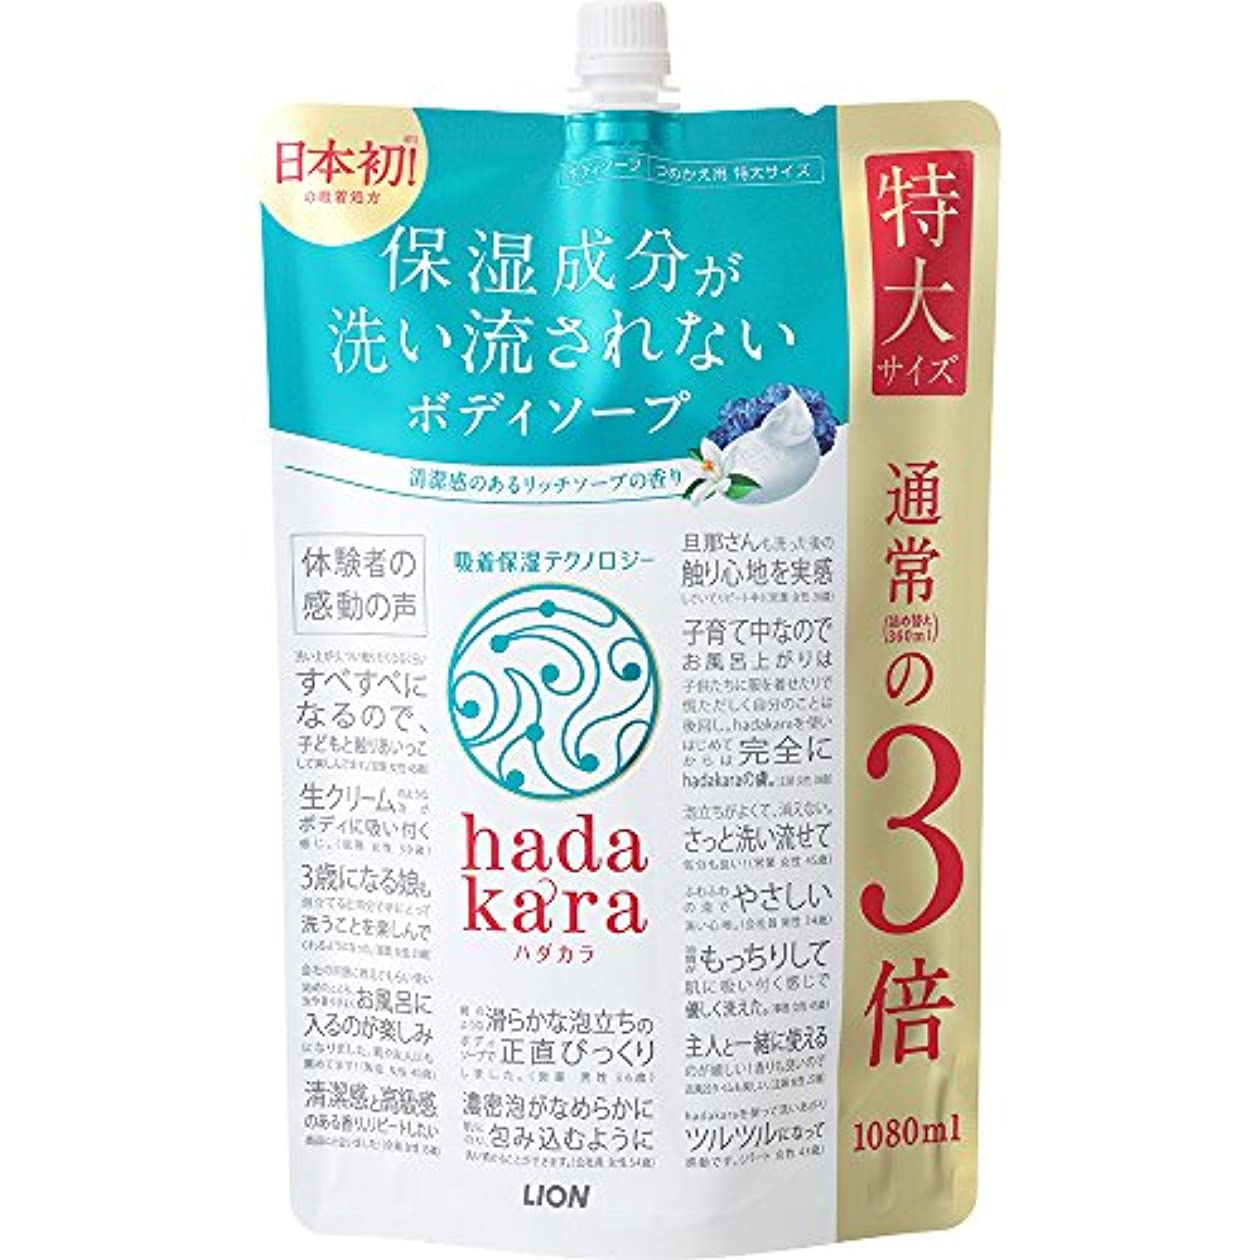 モス全員健康【大容量】hadakara(ハダカラ) ボディソープ リッチソープの香り 詰め替え 特大 1080ml